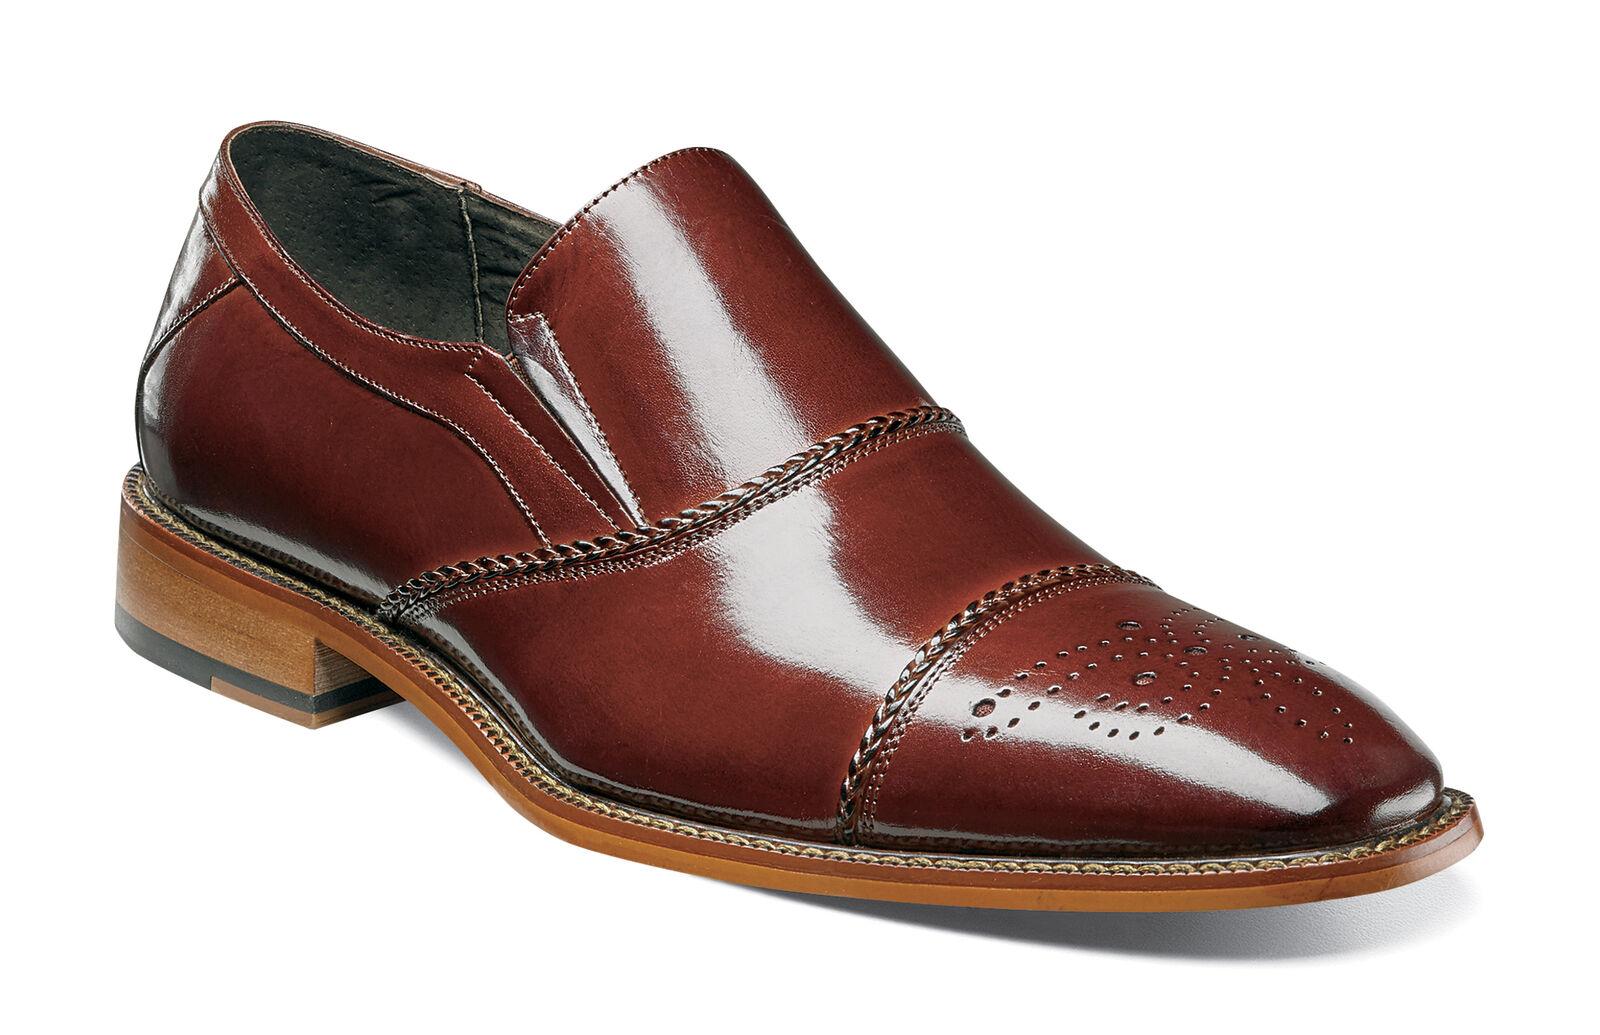 Stacy Adams Brecklin Cognac Cap Toe Medallion Classic Dress Shoes Size 12 Scarpe classiche da uomo